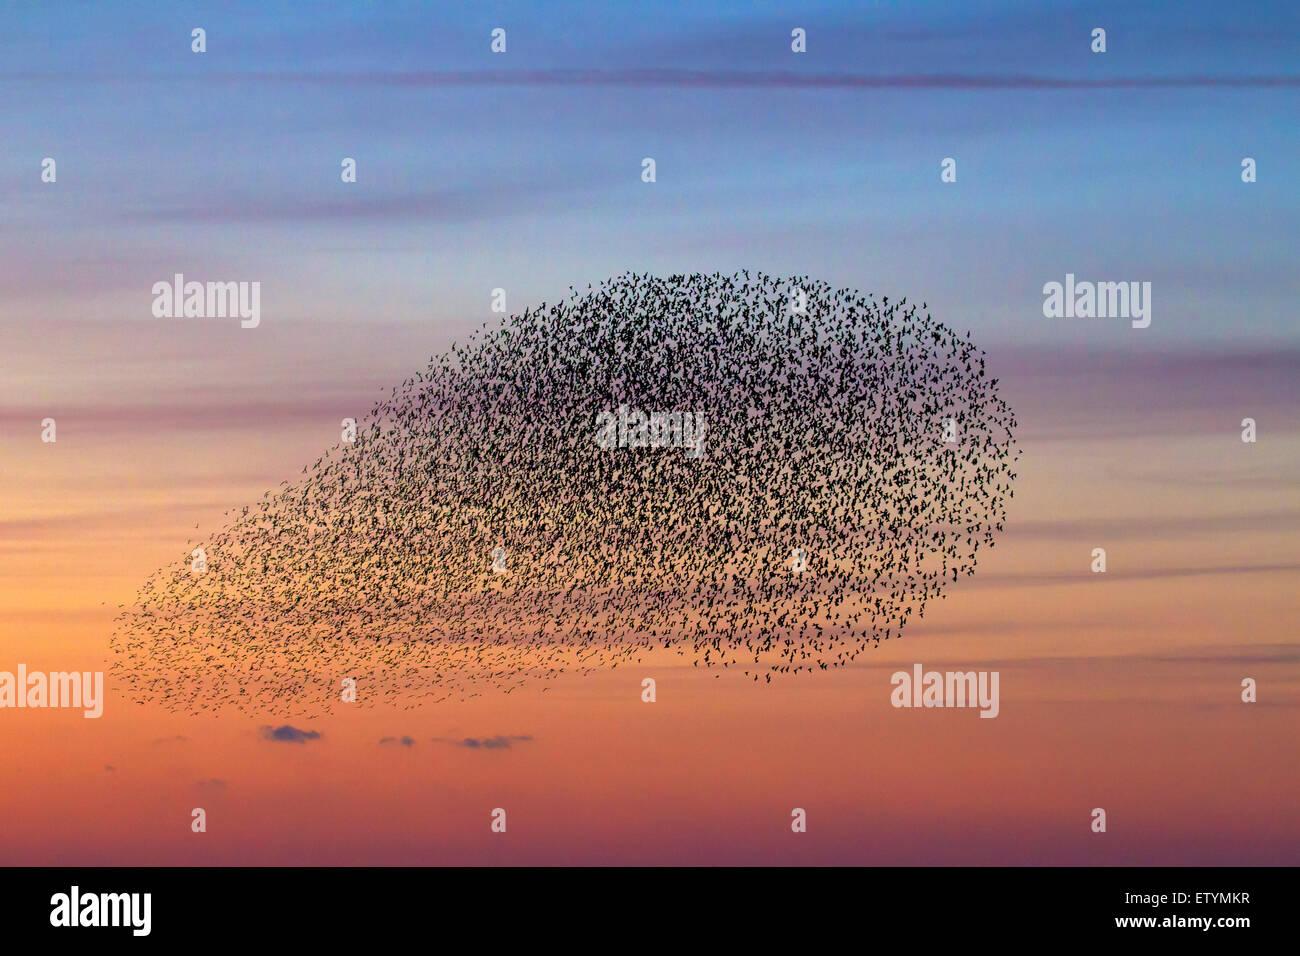 European starling murmuration / large flock of common starlings (Sturnus vulgaris) in flight at sunset - Stock Image